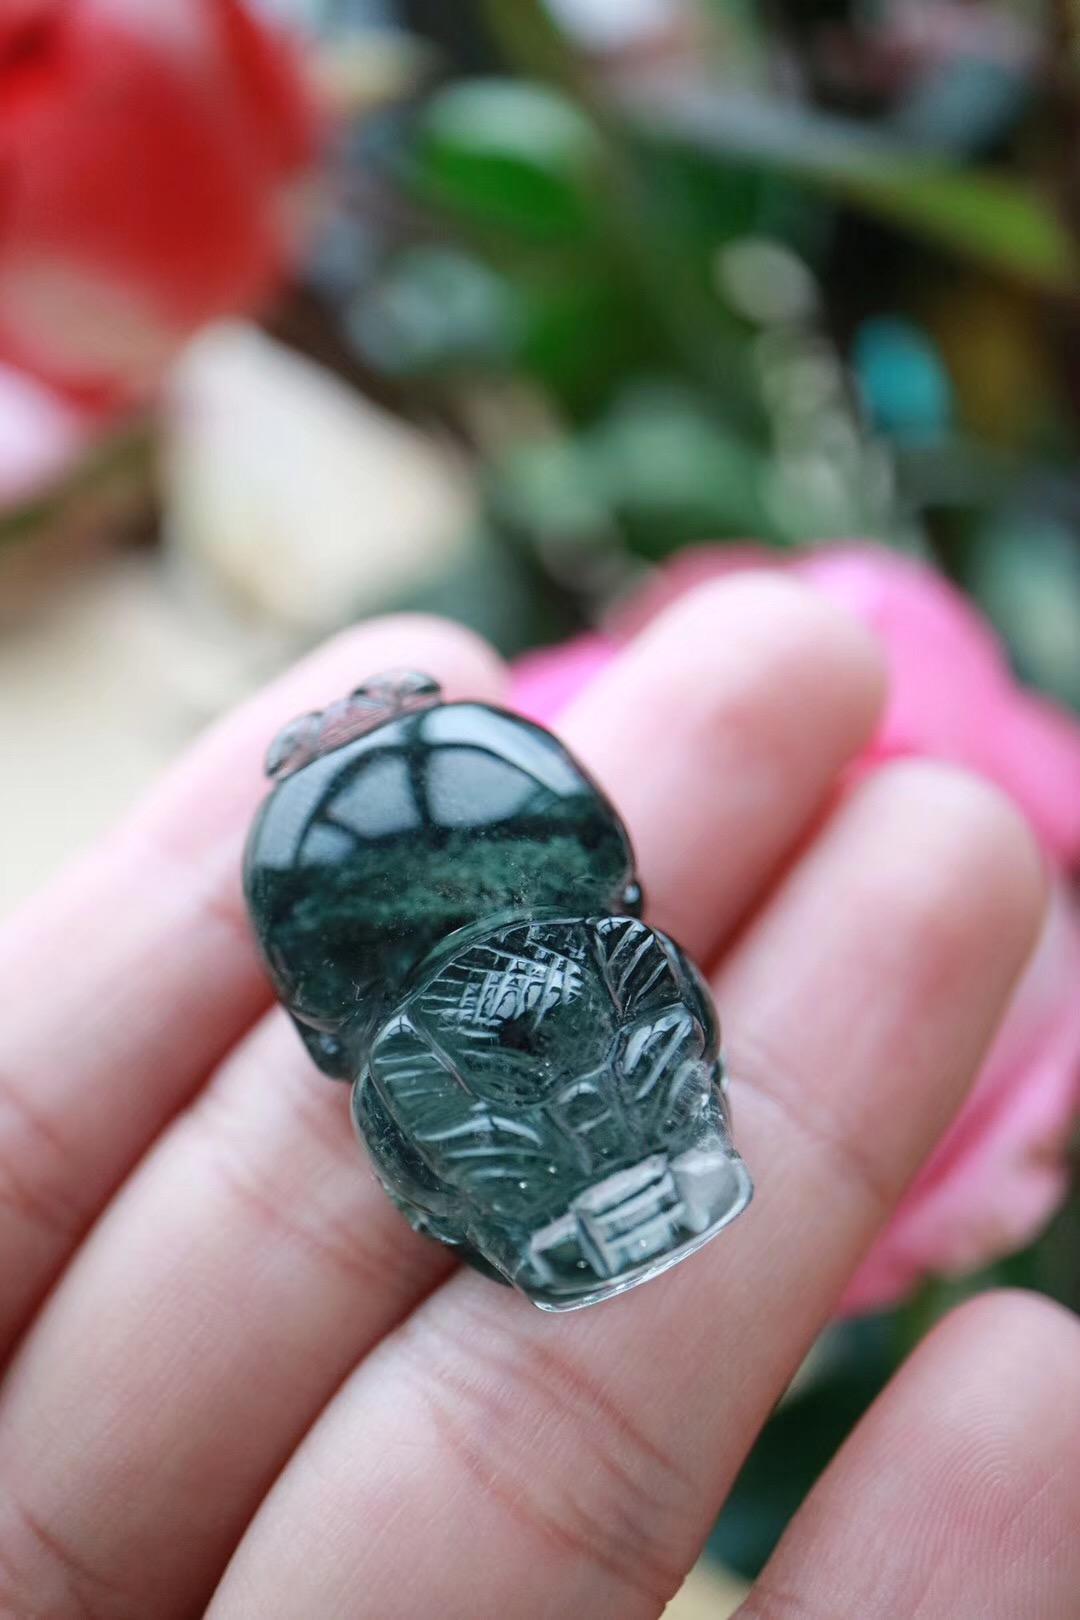 【绿幽灵貔貅】龙之九子,浑身珠光宝气-菩心晶舍